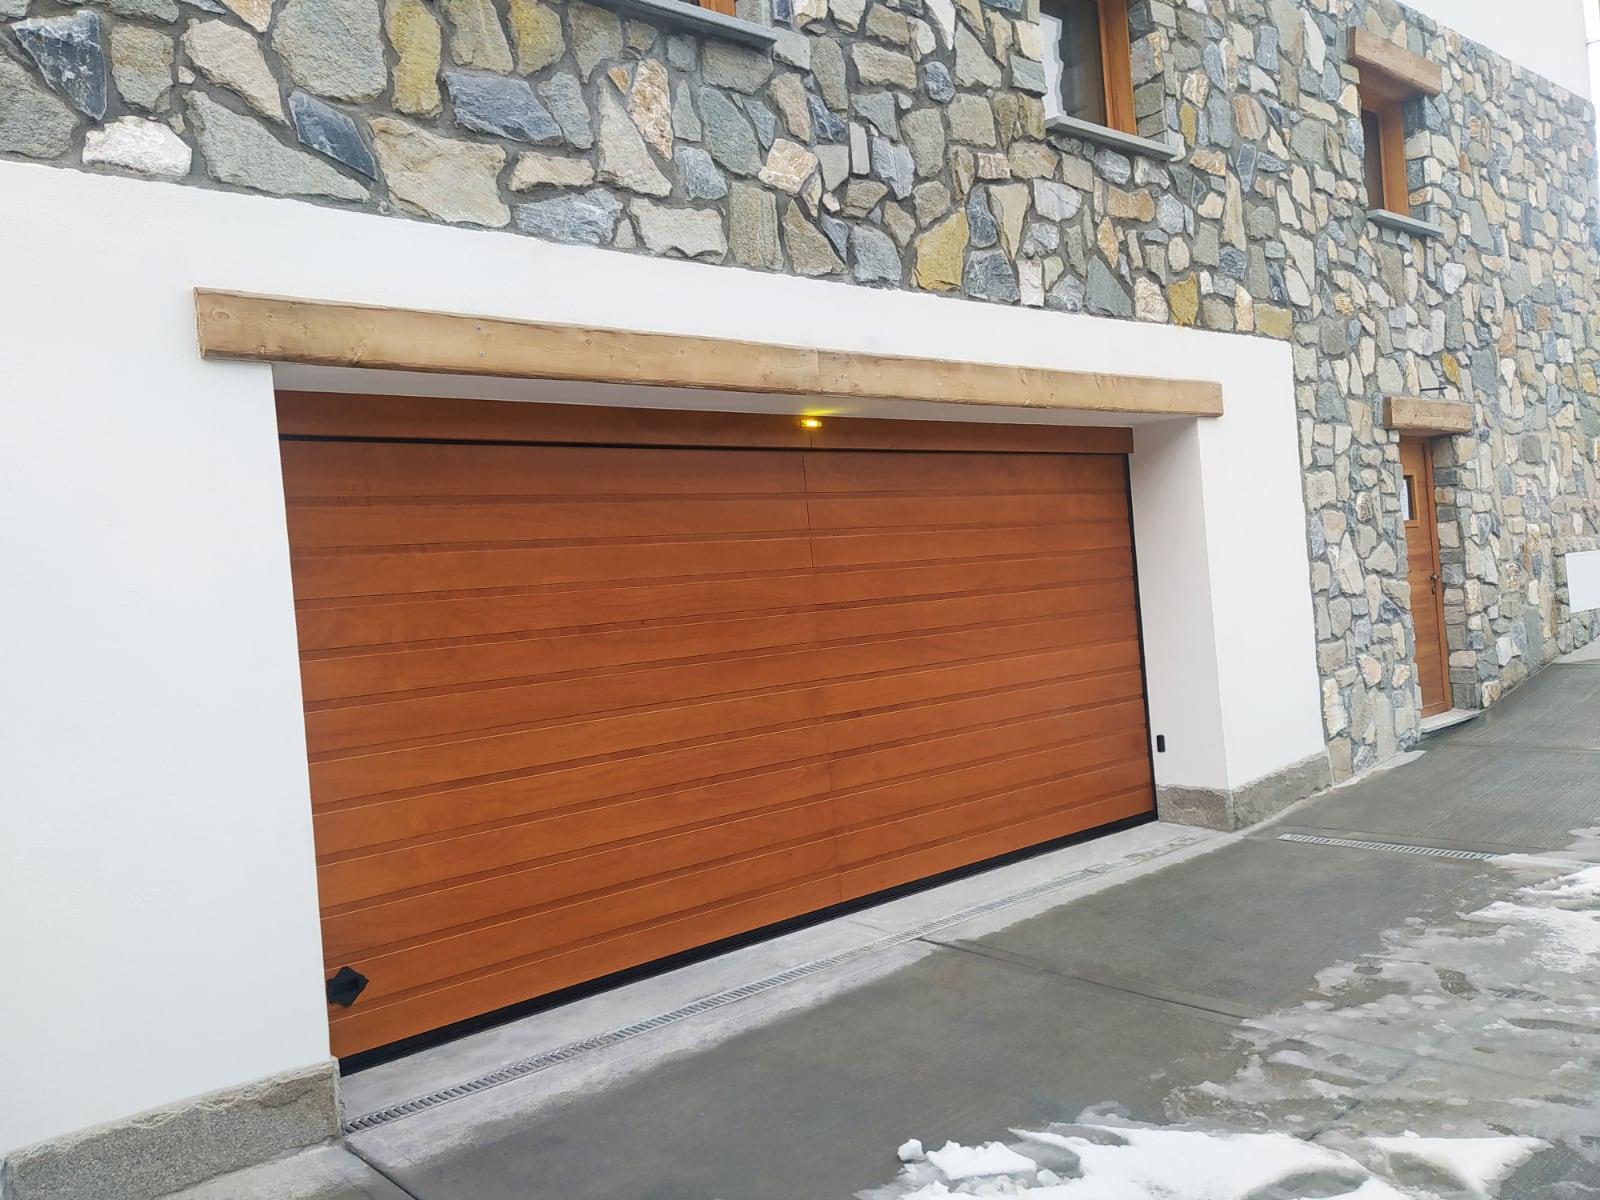 Il legno del portone Civic conquista le Alpi piemontesi